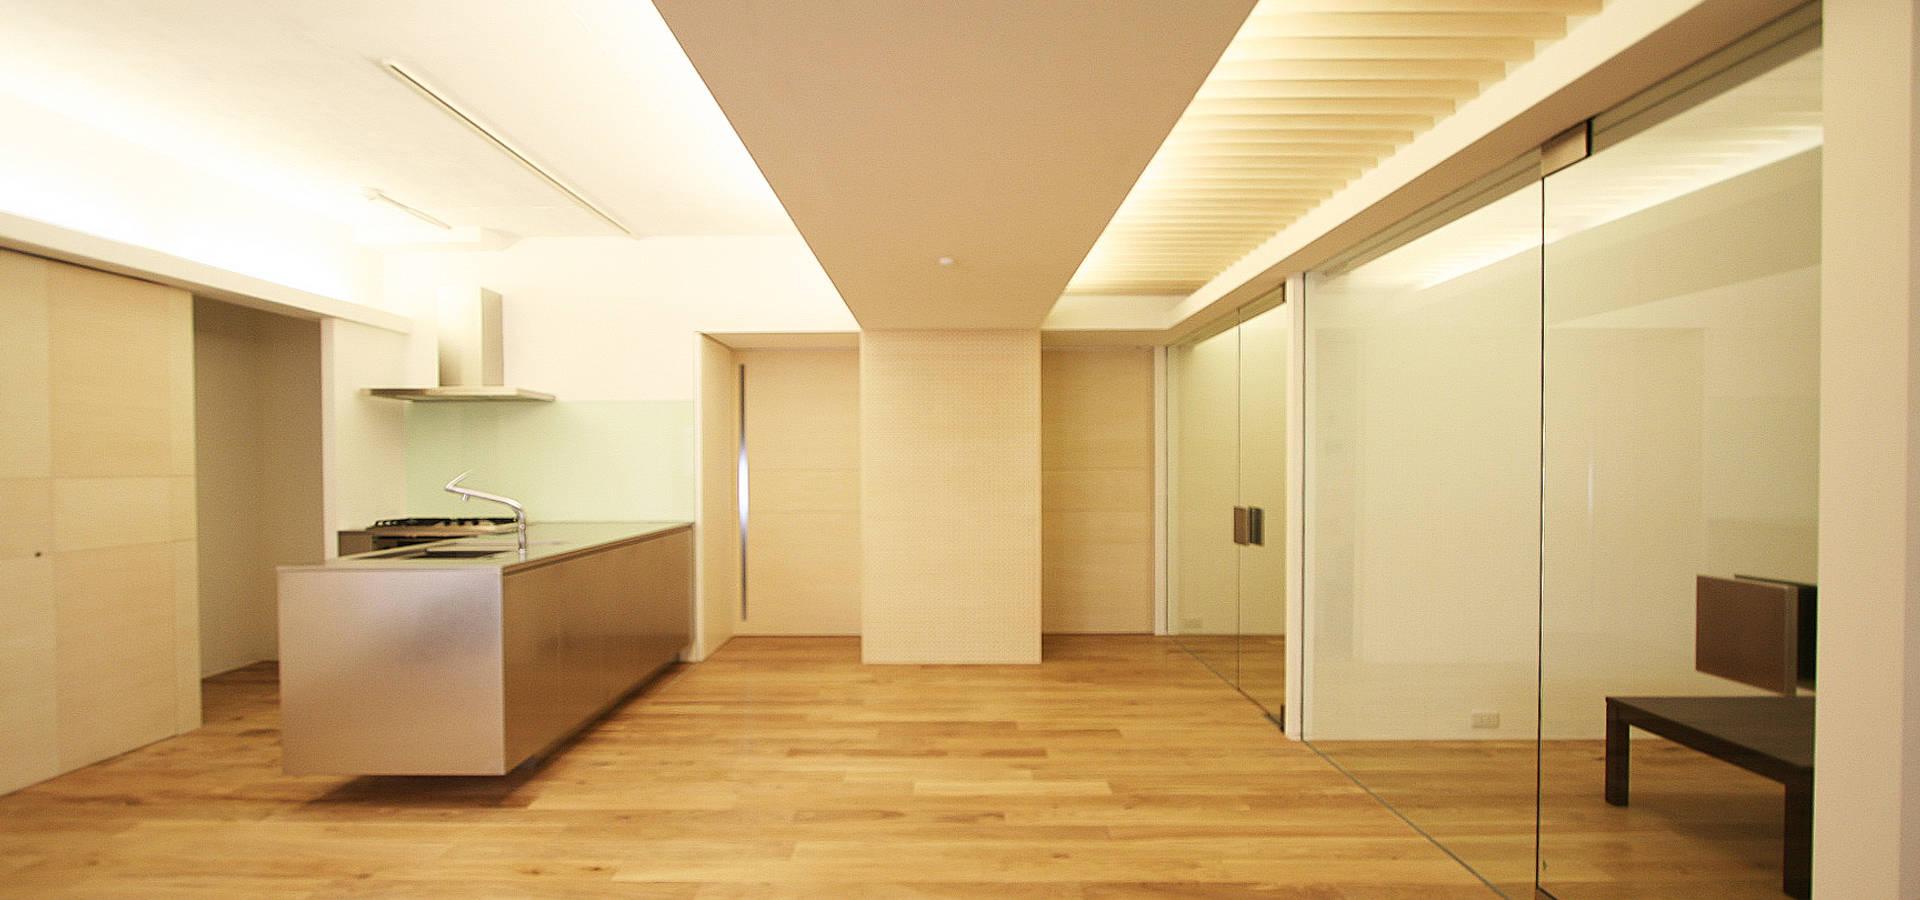 一級建築士事務所 無双建築研究所